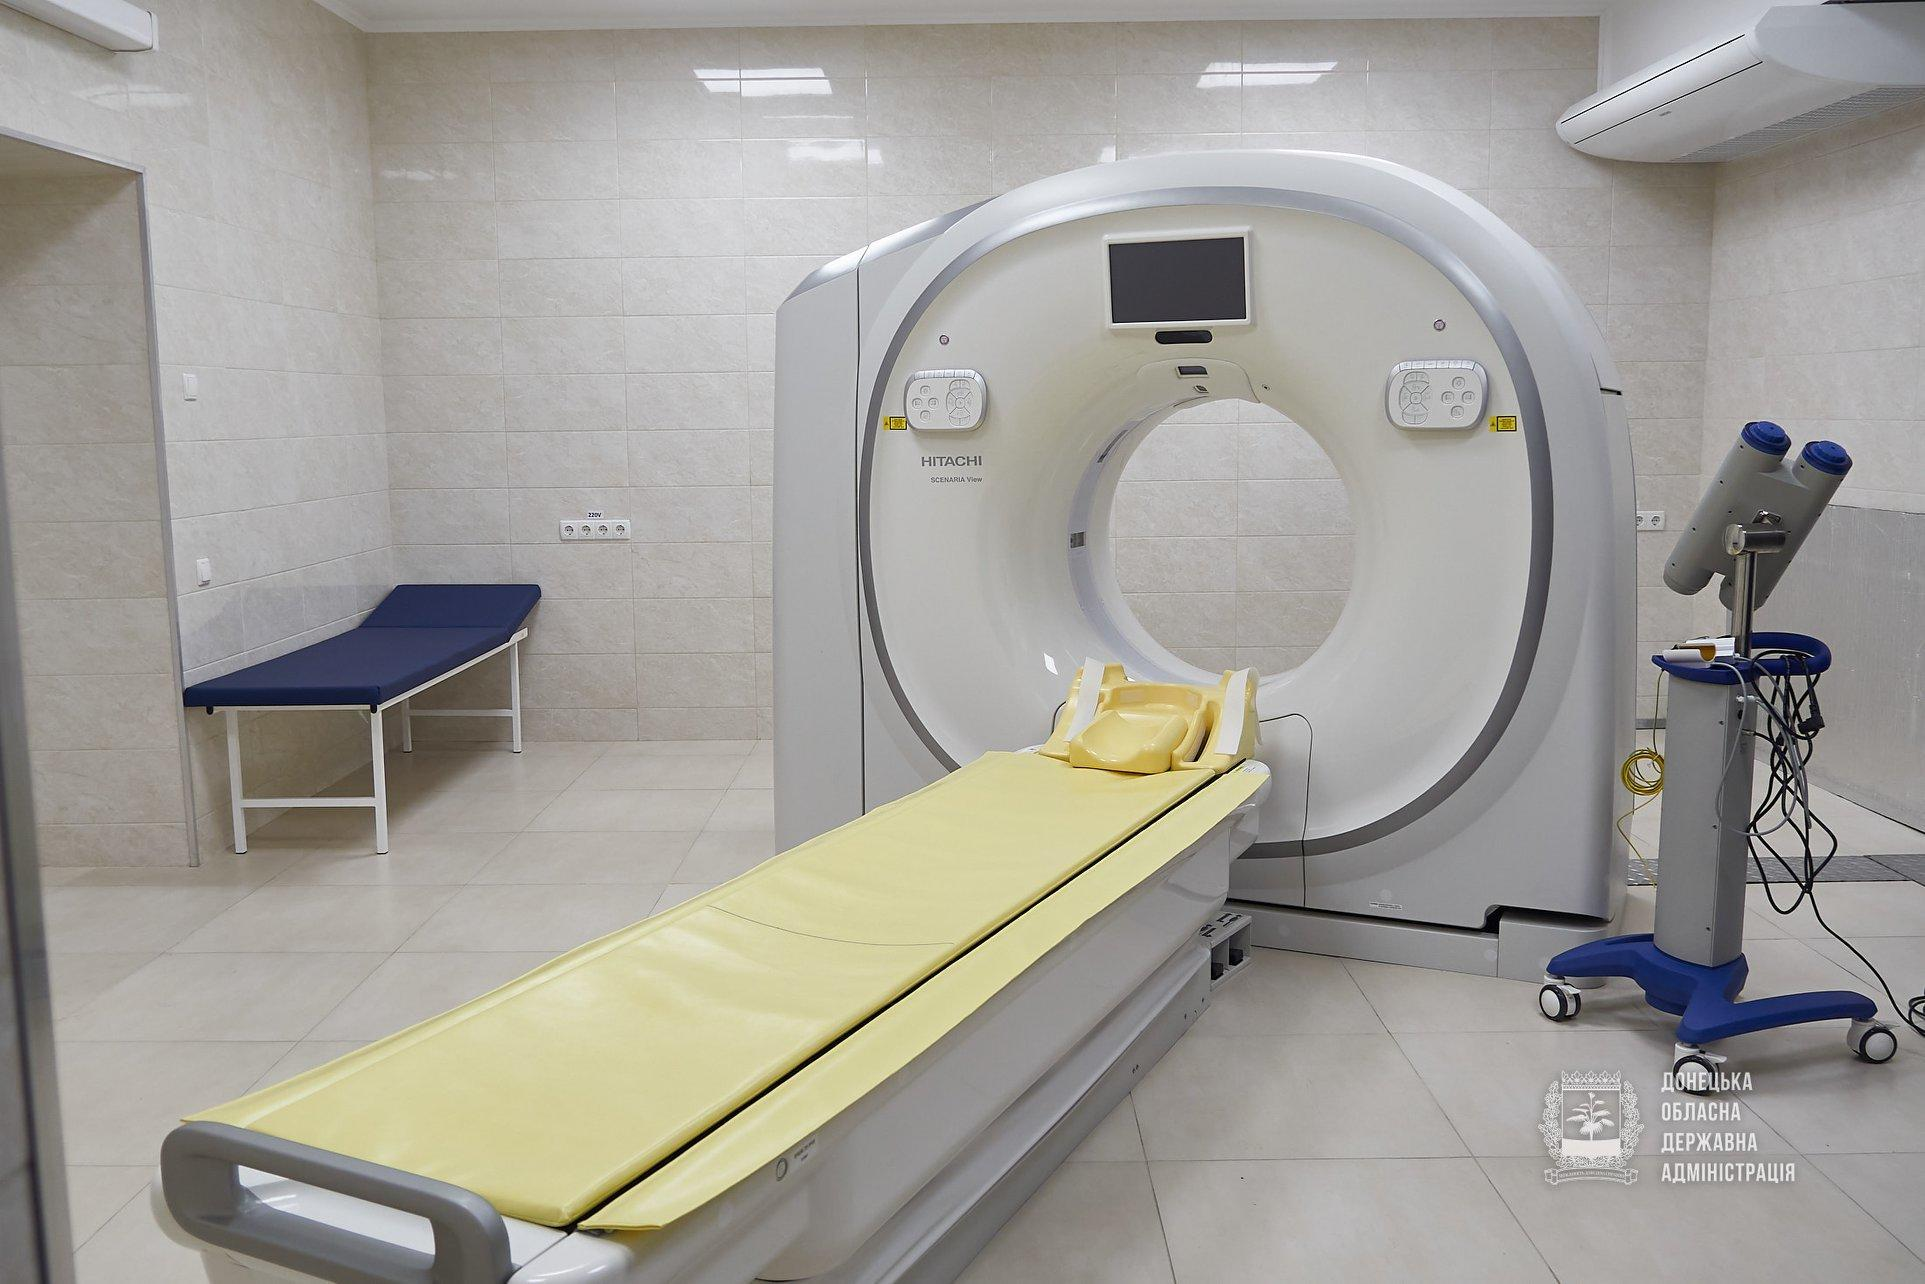 В 9 містах Донеччини з'явилось нове обладнання, яким можна сканувати легені, кістки та внутрішні органи (ФОТО)